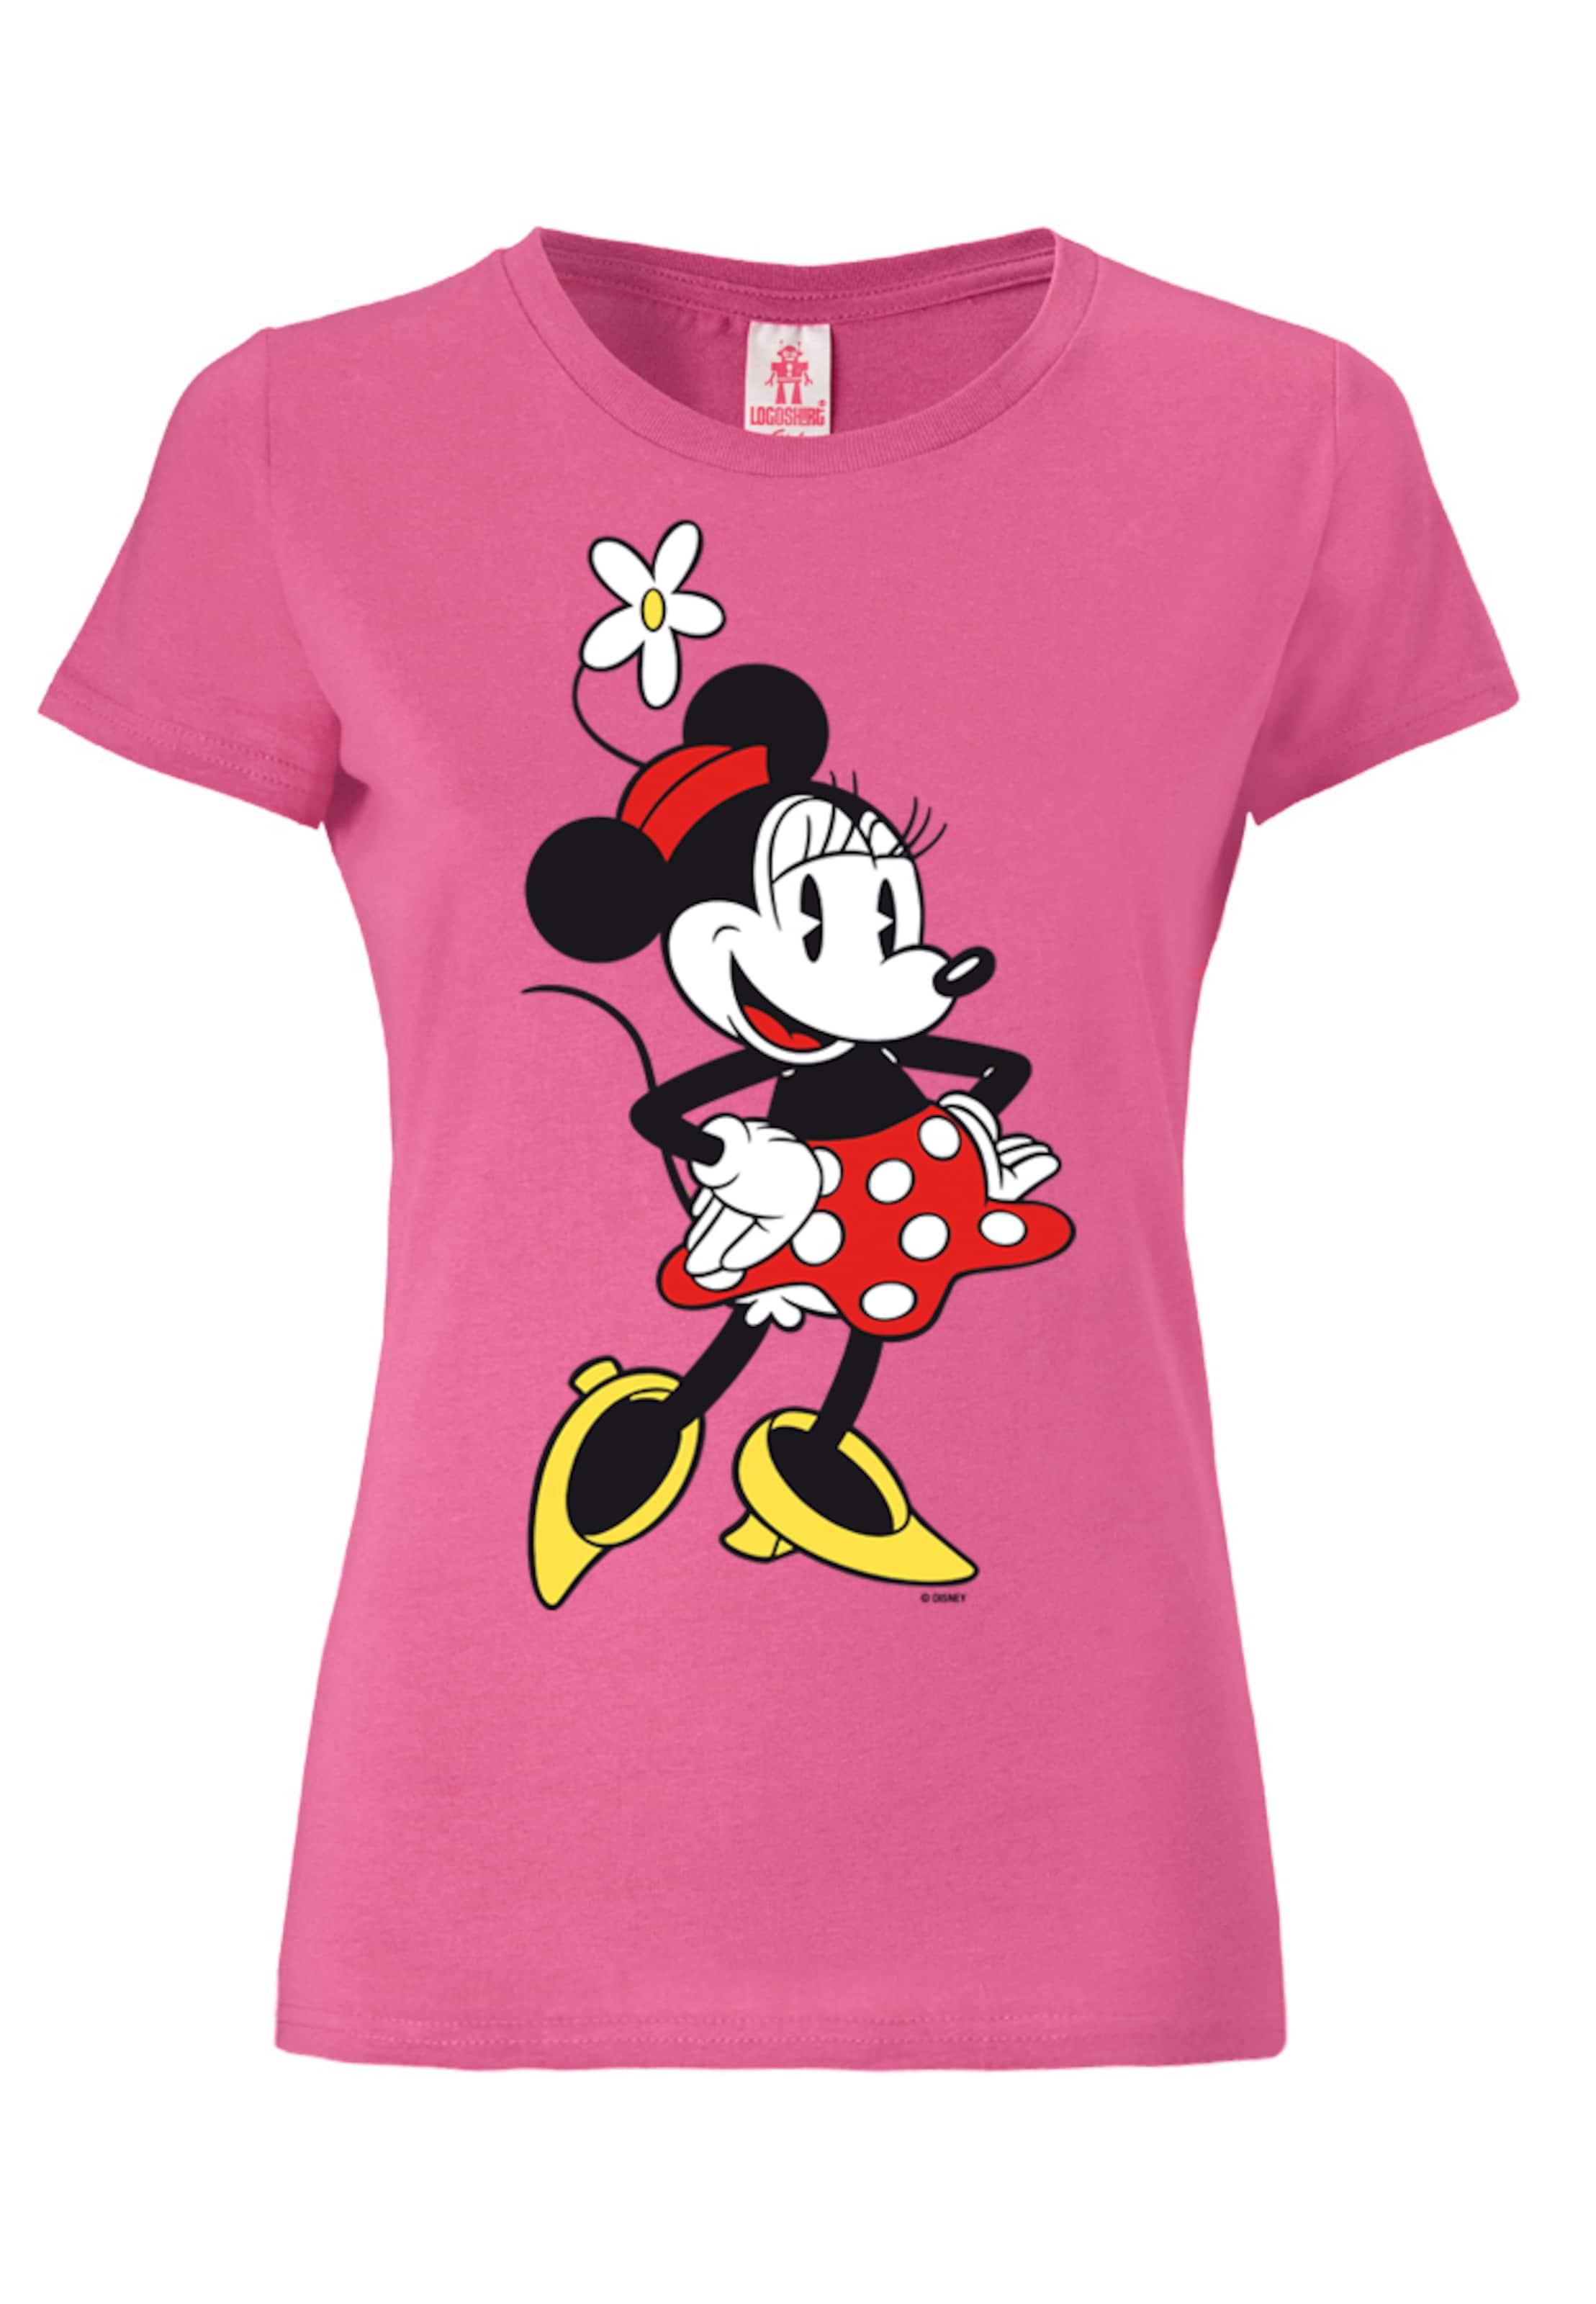 Preiswerte Reale Webseiten Günstig Online LOGOSHIRT T-Shirt 'Minnie Mouse - Disney' Billig Verkauf Rabatt uDq1scv